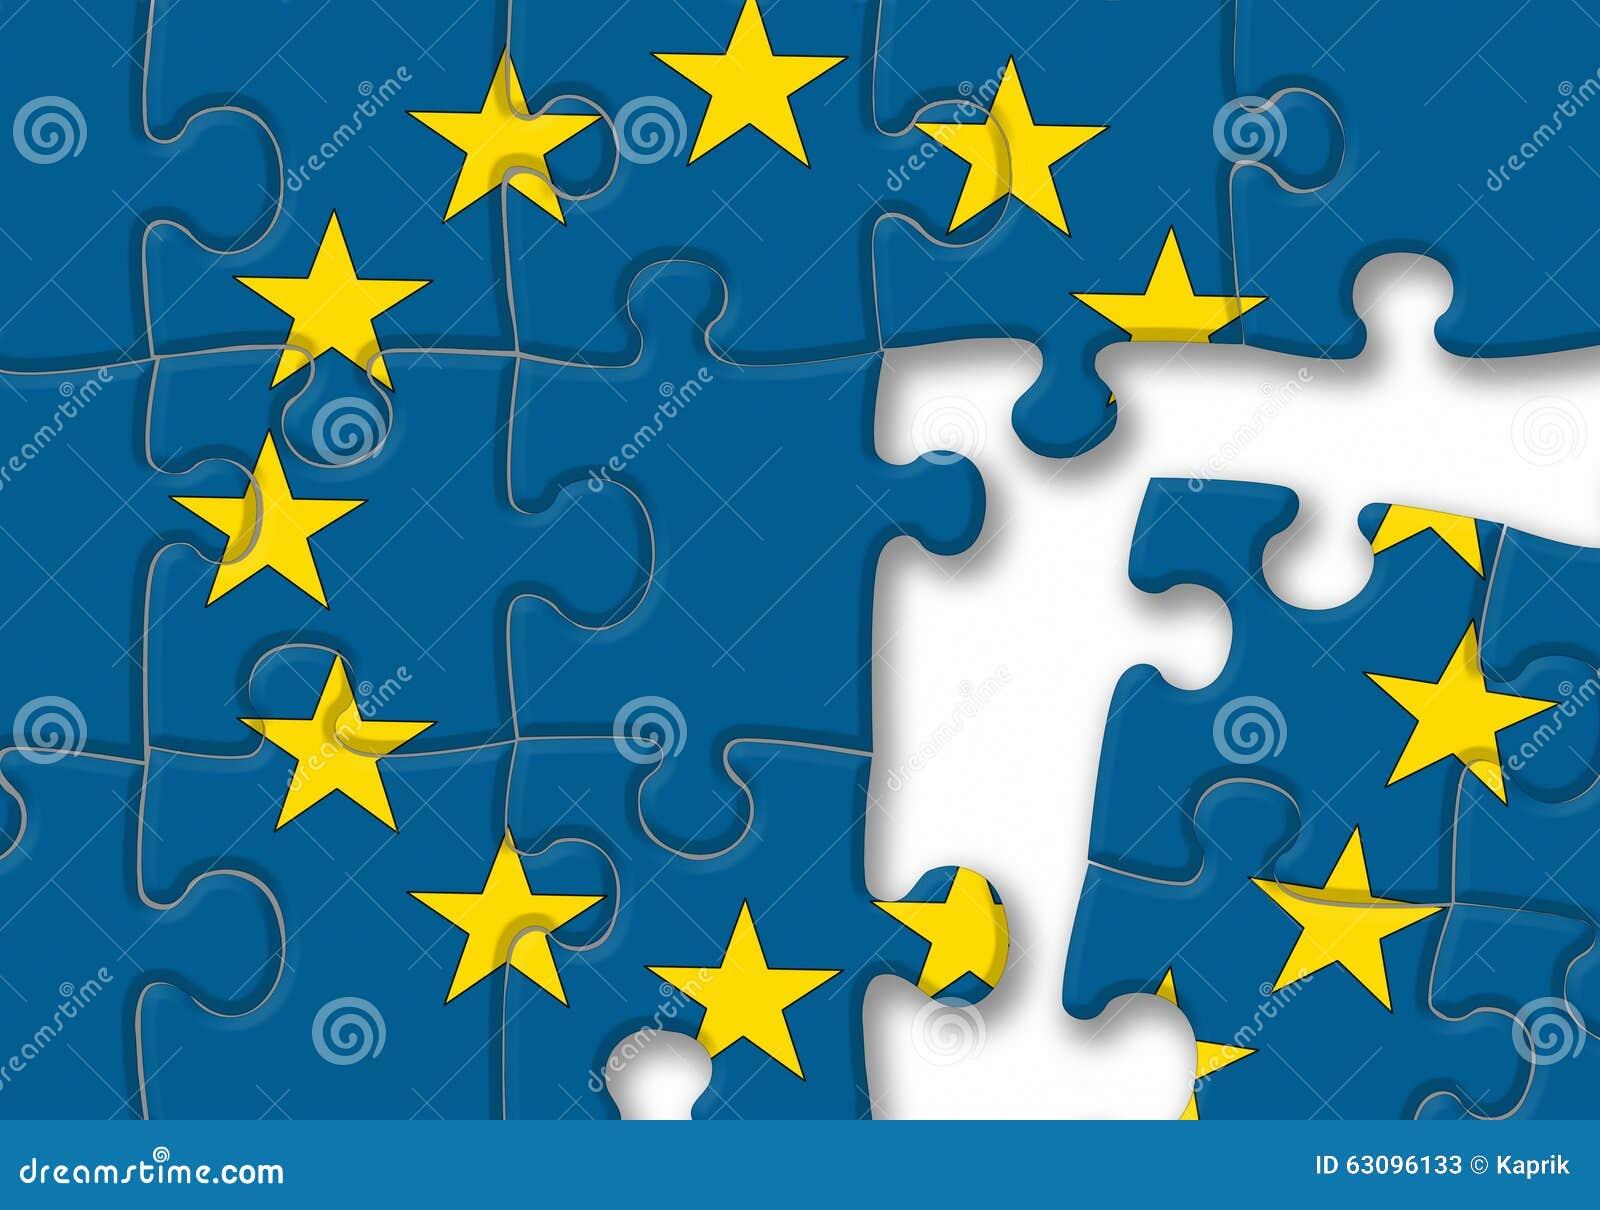 European Union EU Flag Puzzle On The White Background Stock ...